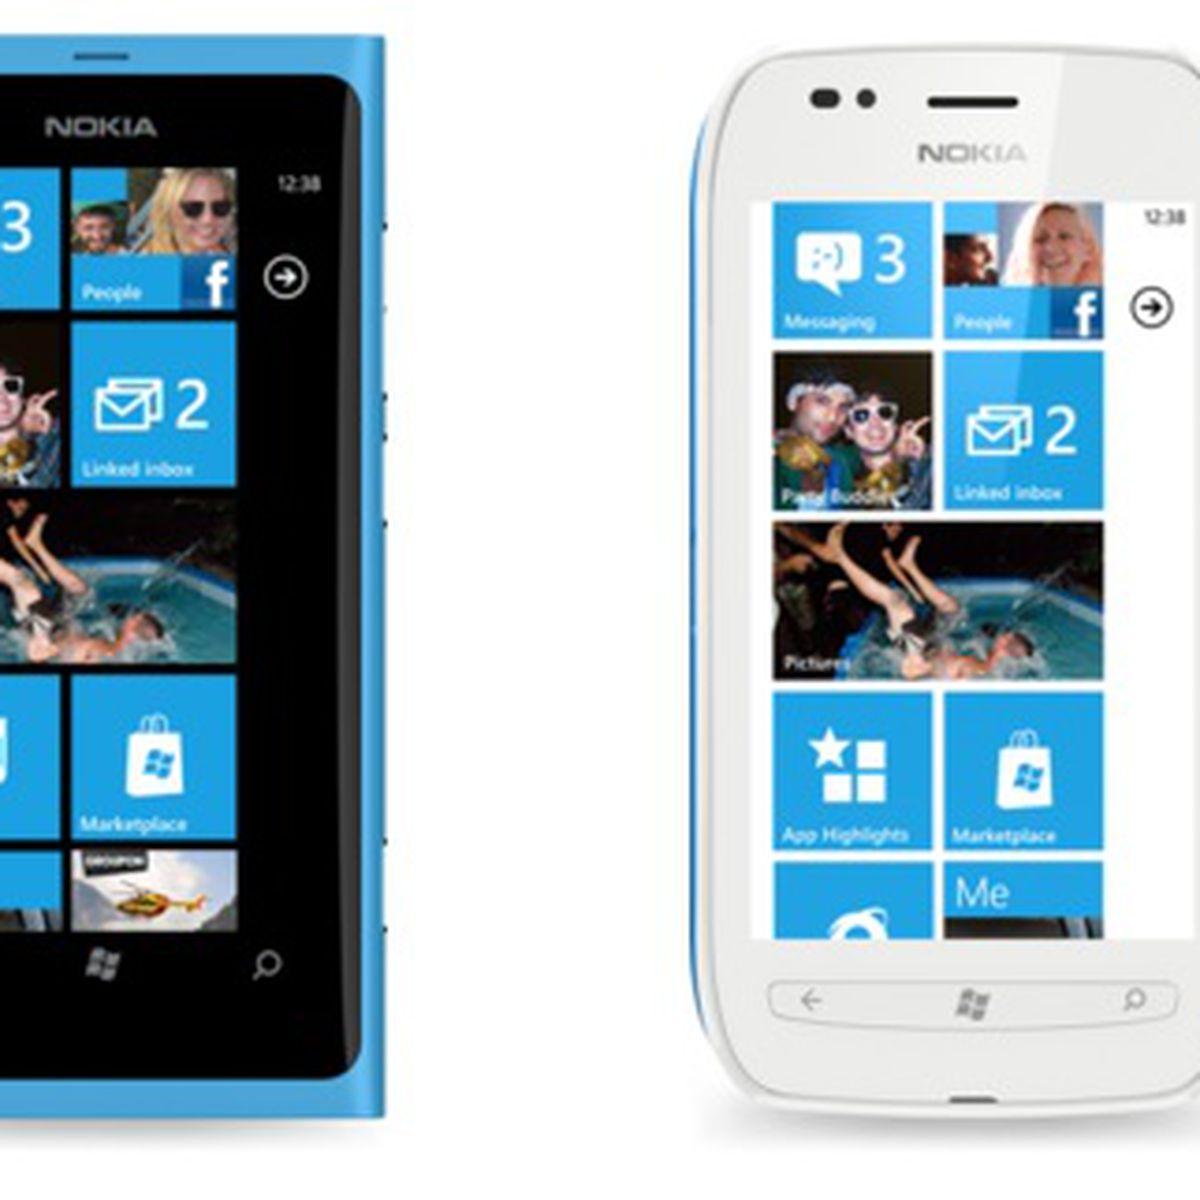 Update nokia lumia 800